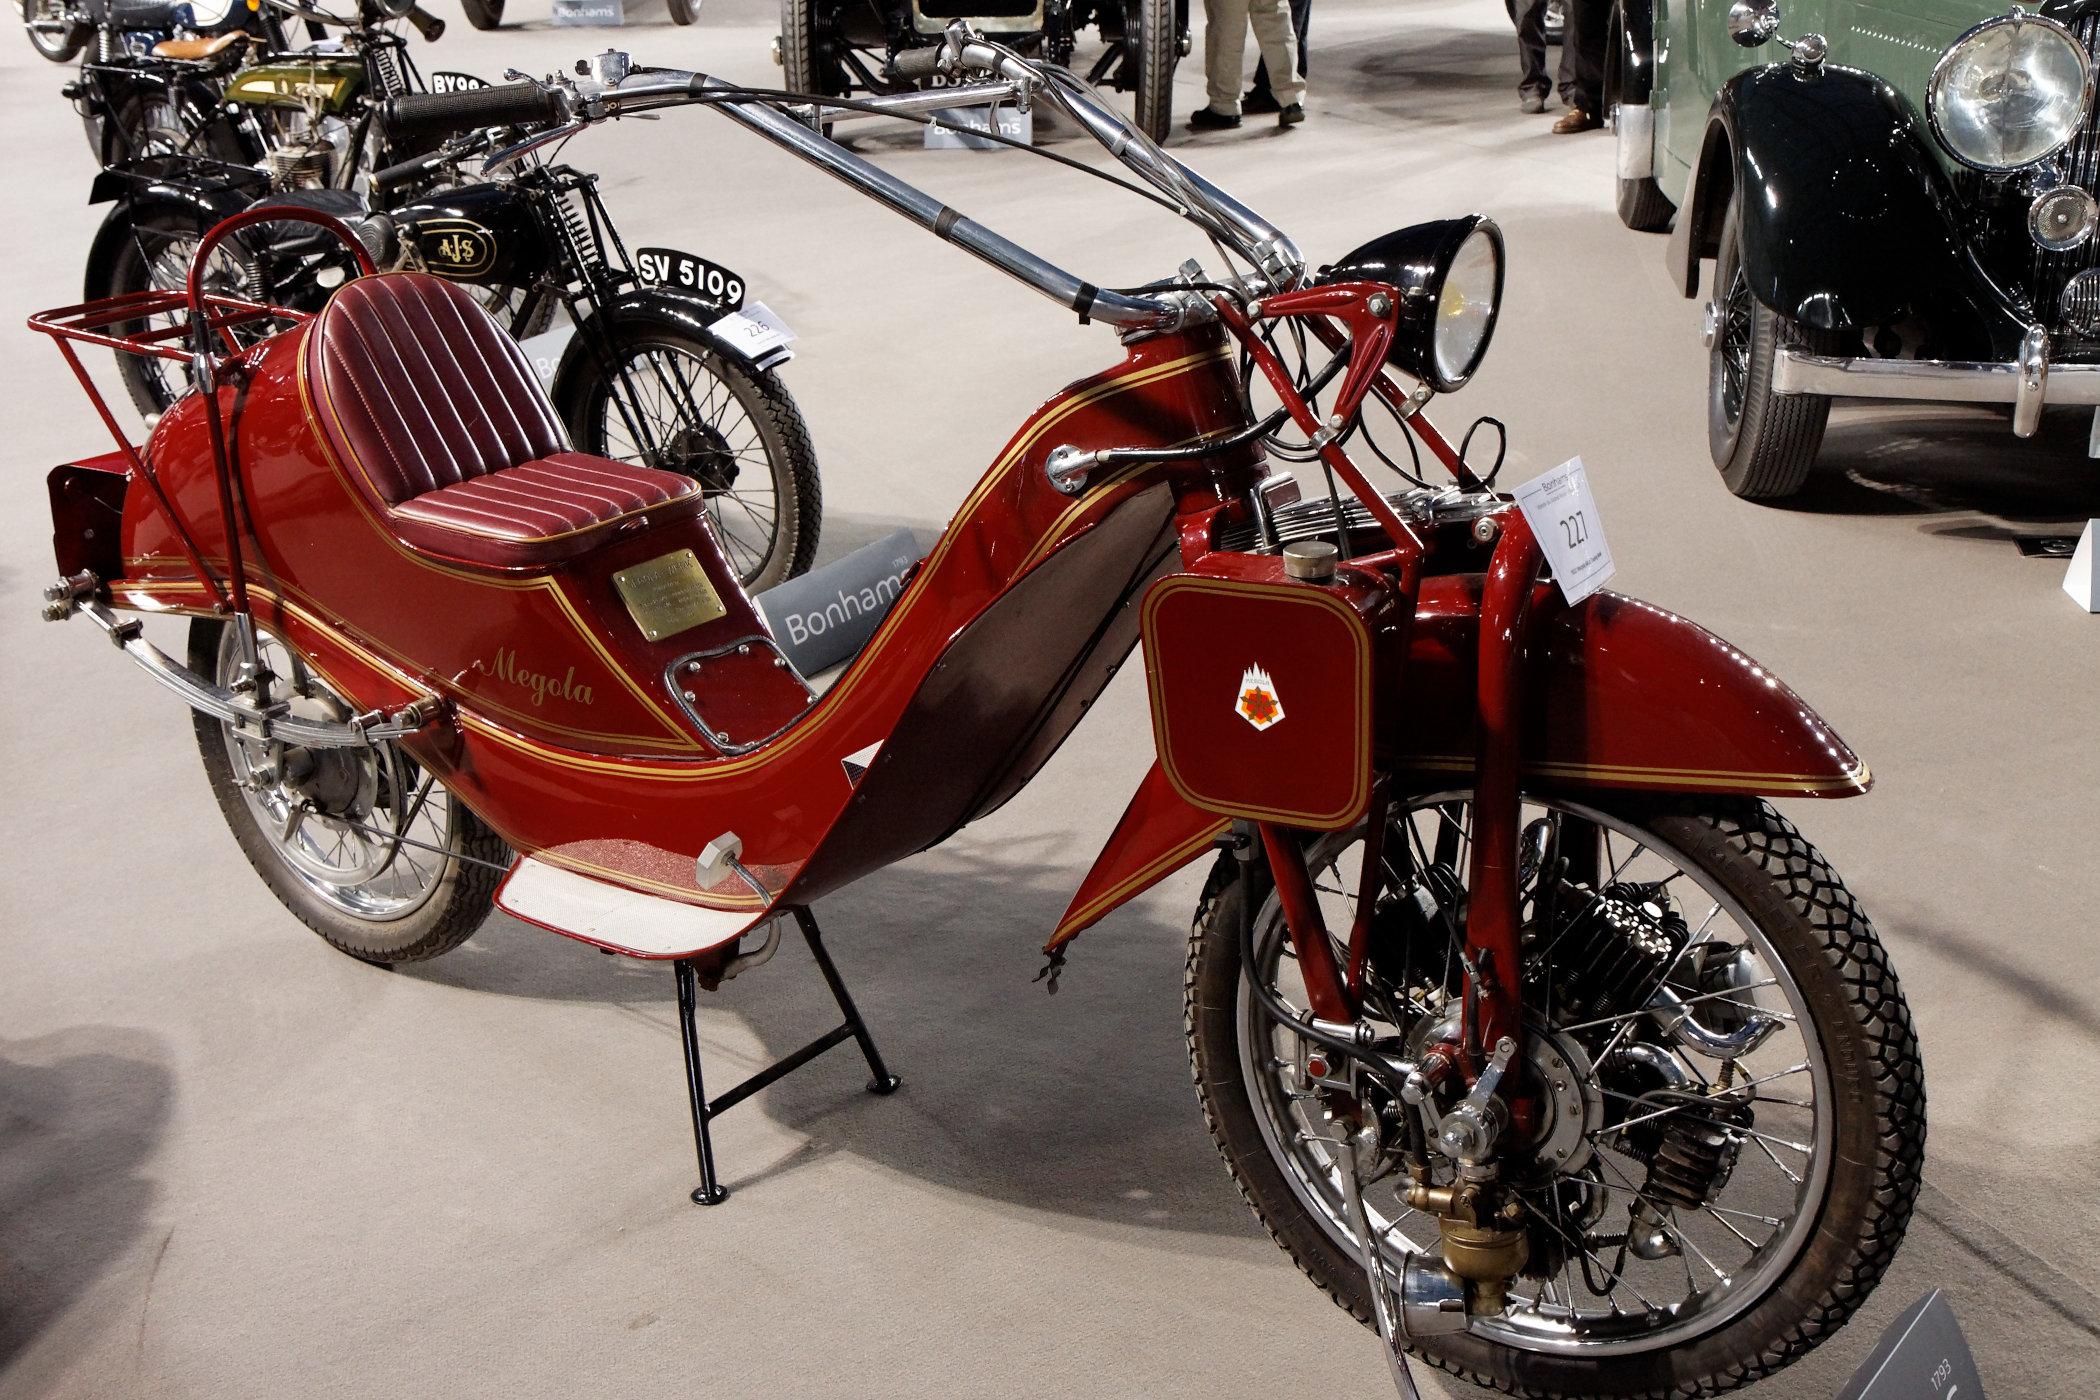 1922 Megola motorbike with front wheel mounted radial engine